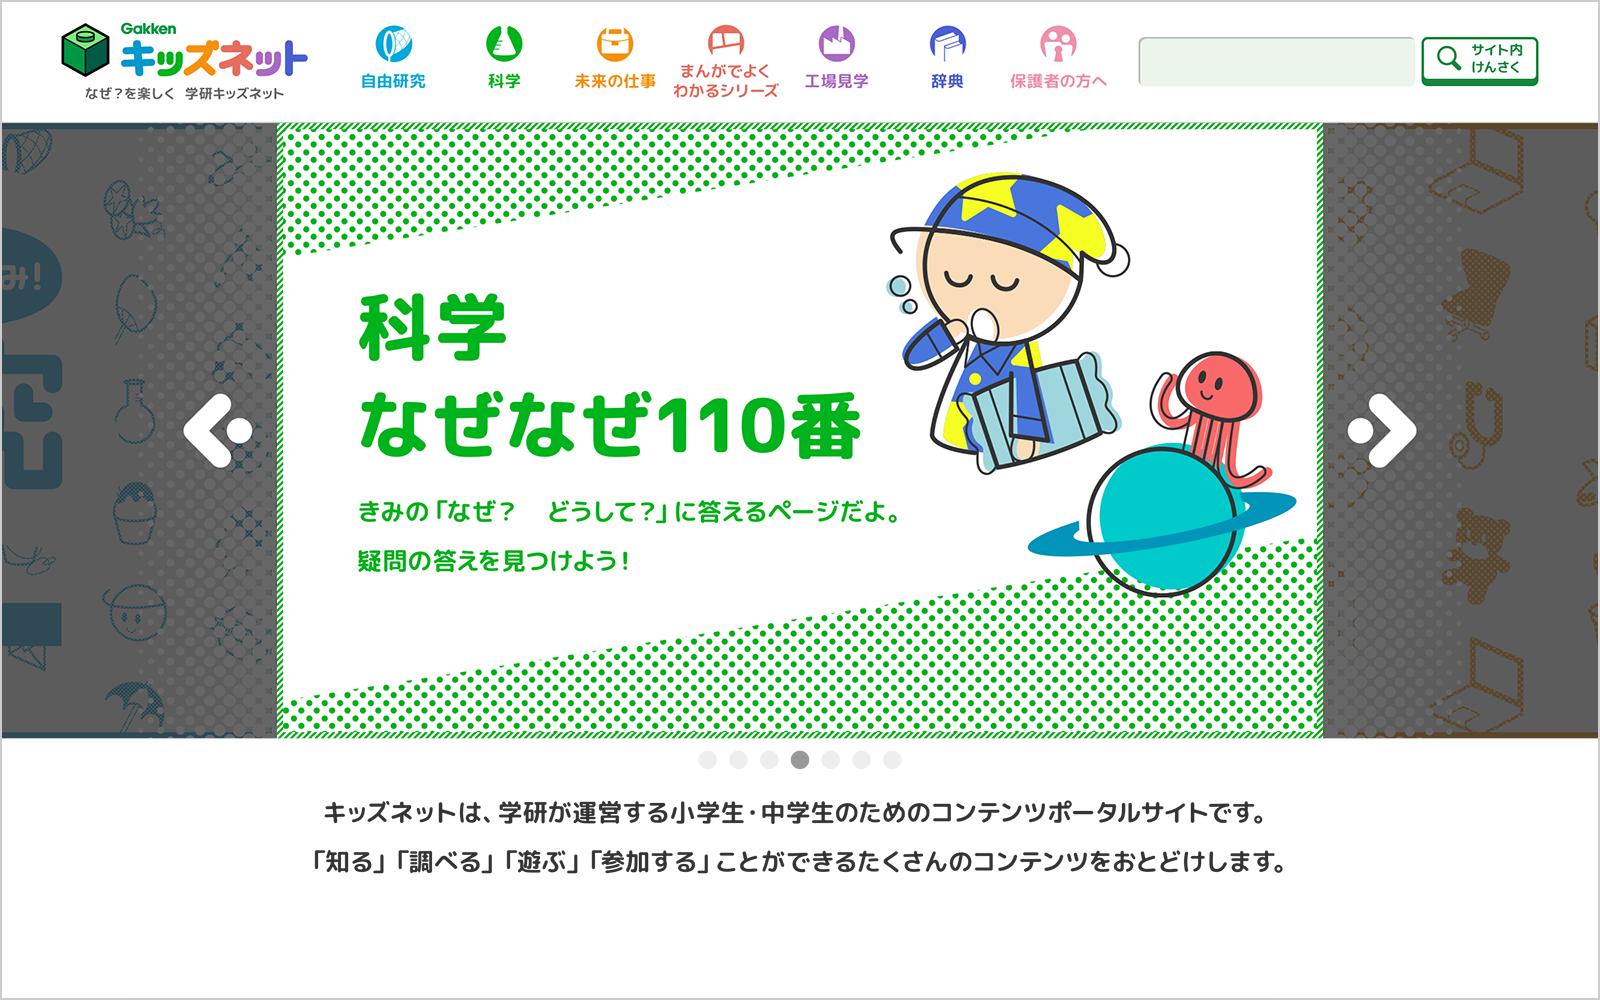 学研キッズネット コンテンツポータルサイト